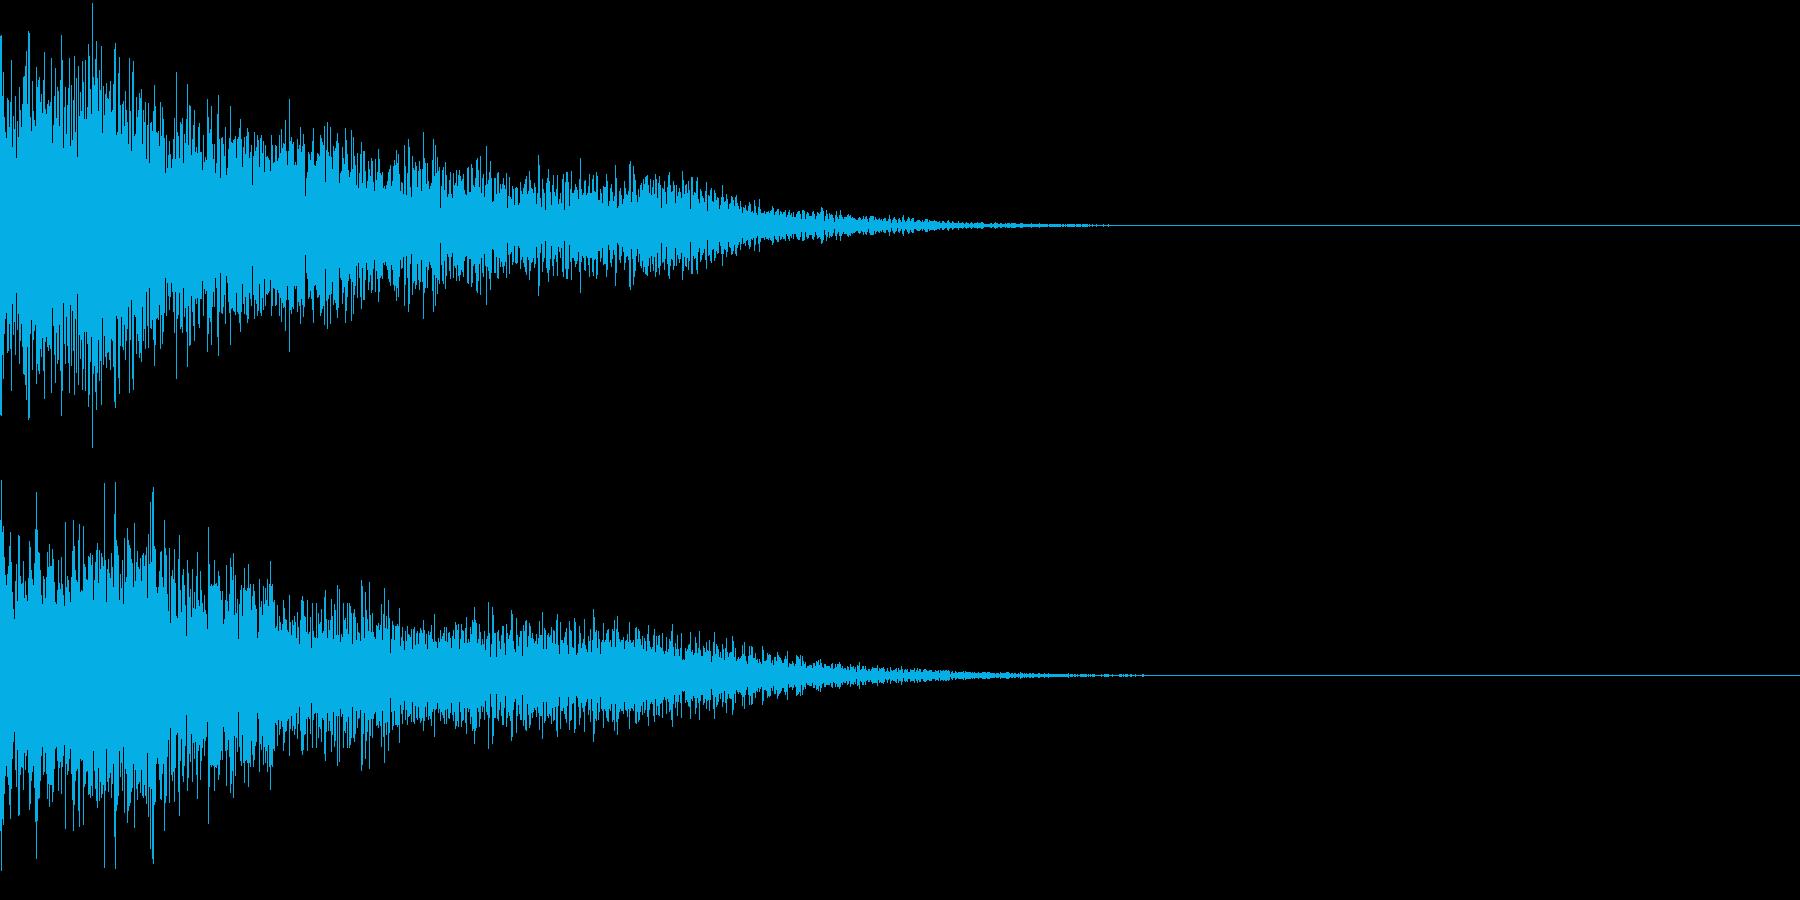 衝撃 金属音 恐怖 震撼 ホラー 02の再生済みの波形